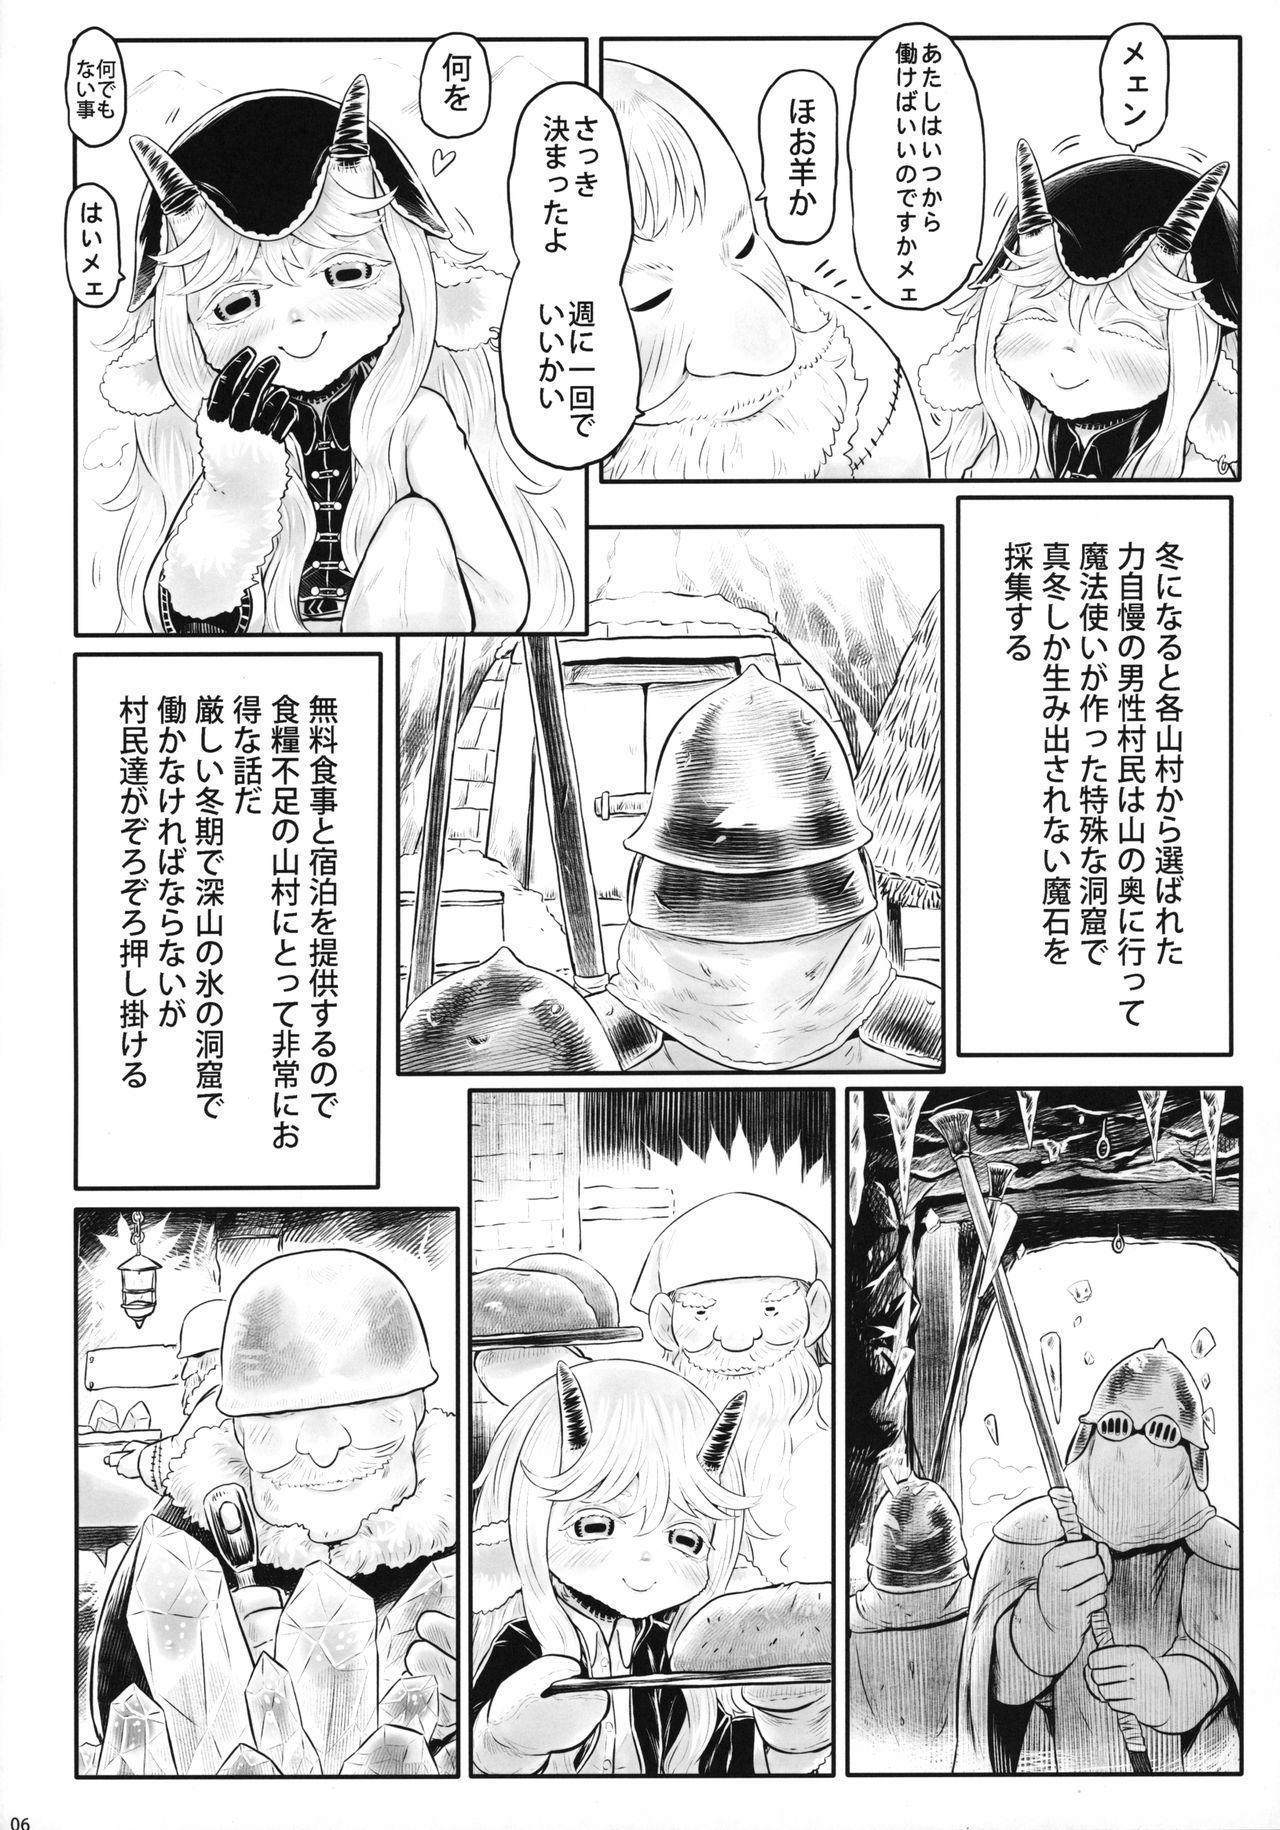 [FF36][新刊]愛玩幼奴別冊-異族幼奴隸種付本-愛玩幼畜01 4